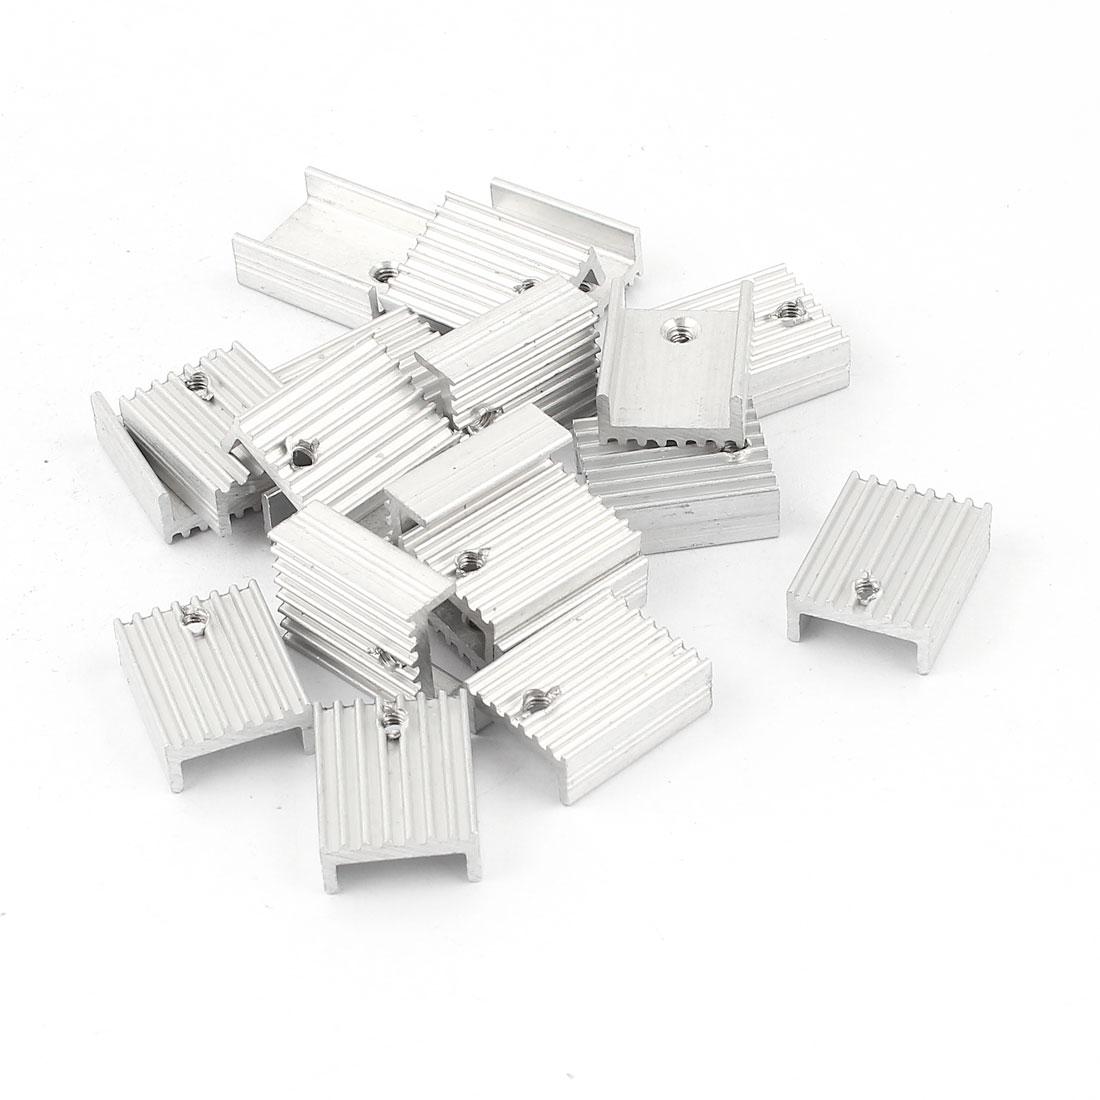 20 Pcs 2.5mm Hole Aluminium 20mmx15mmx7mm Heatsinks Heat Sink Cooling Cooler Fin